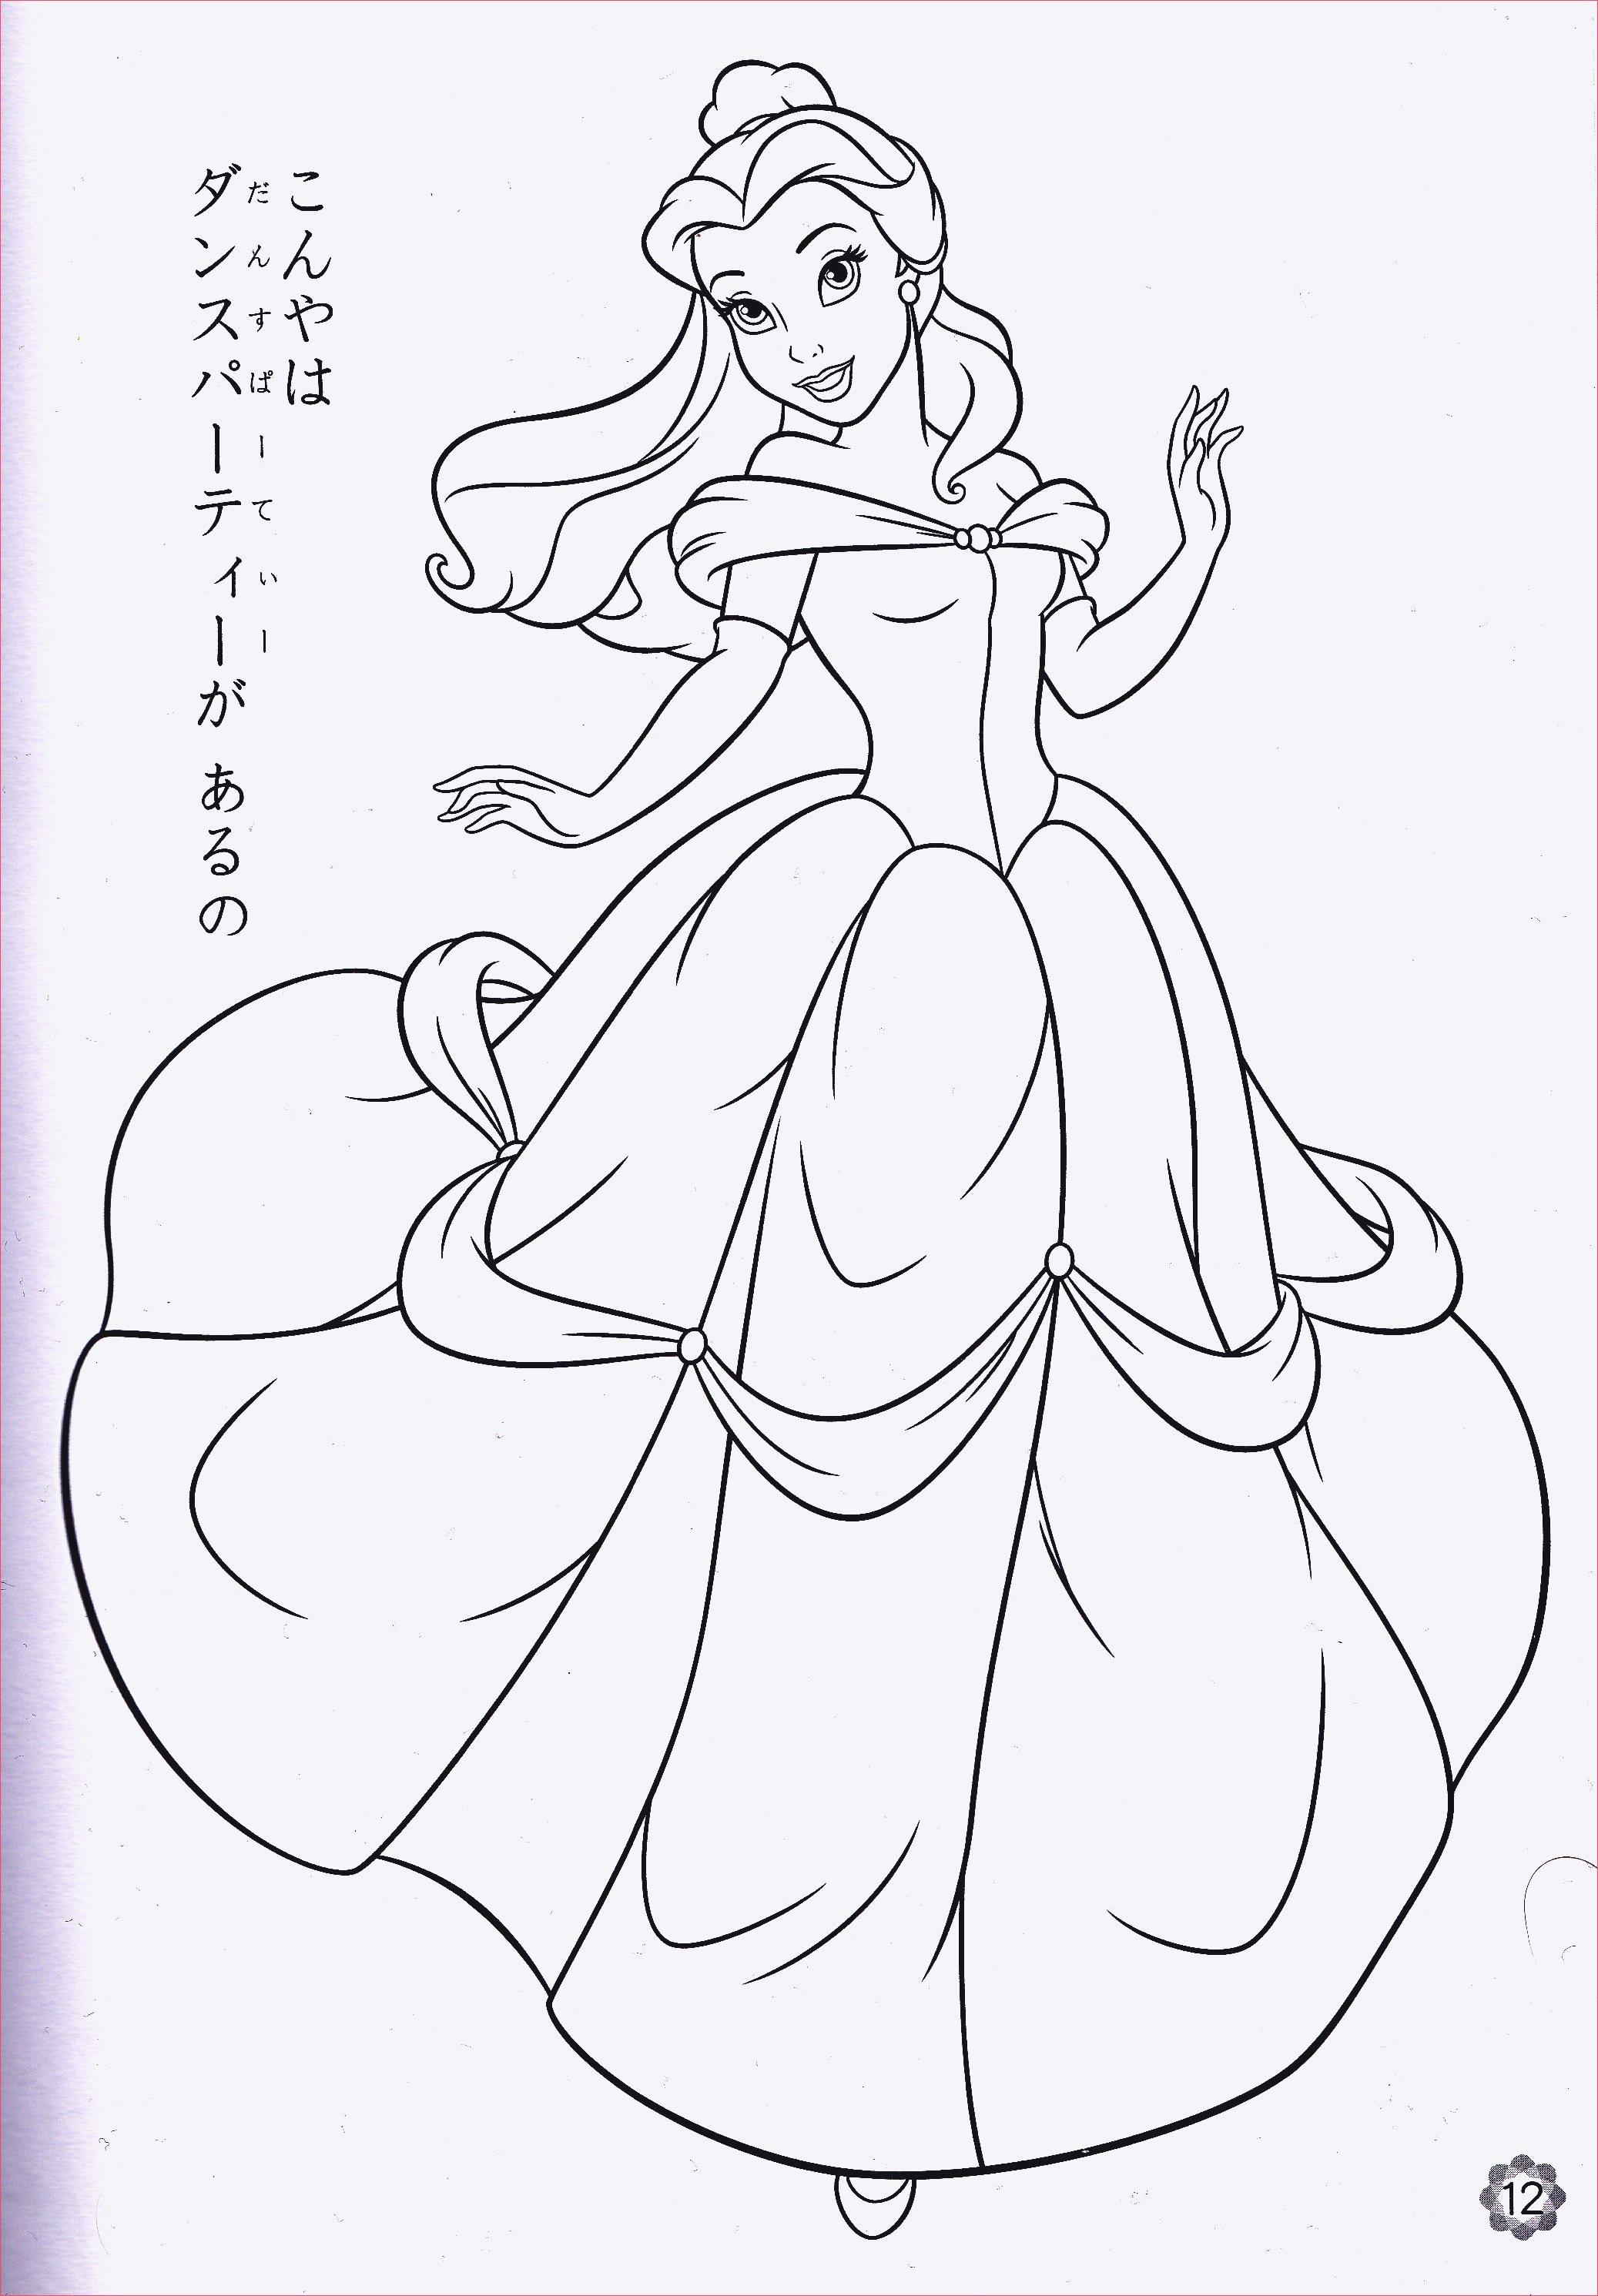 Disney Prinzessinnen Malvorlagen Genial Malvorlagen Gratis Prinzessin Disney Bild